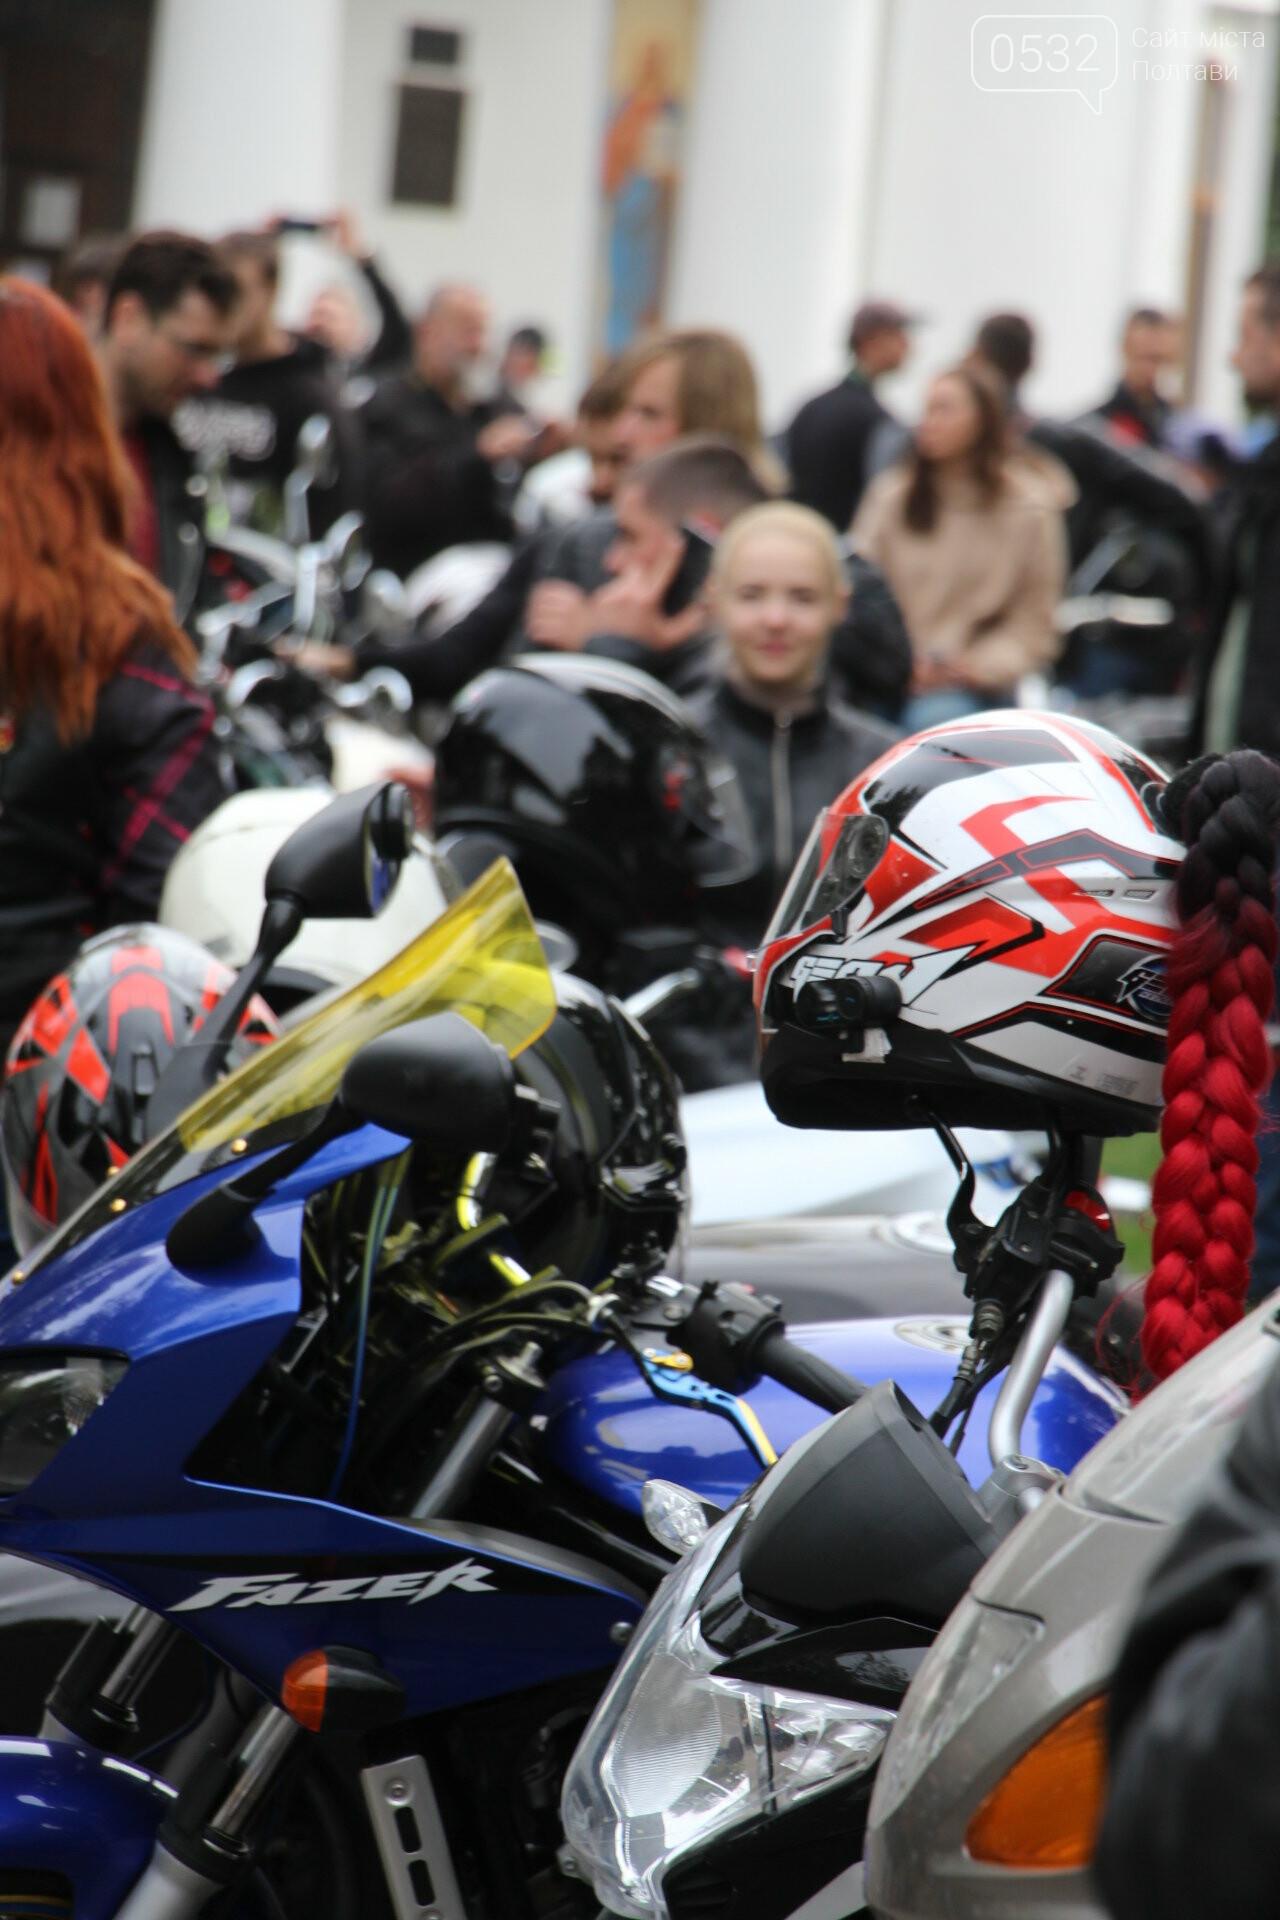 У Полтаві сотні байкерів приїхали на закриття мотосезону (ФОТОРЕПОРТАЖ), фото-6